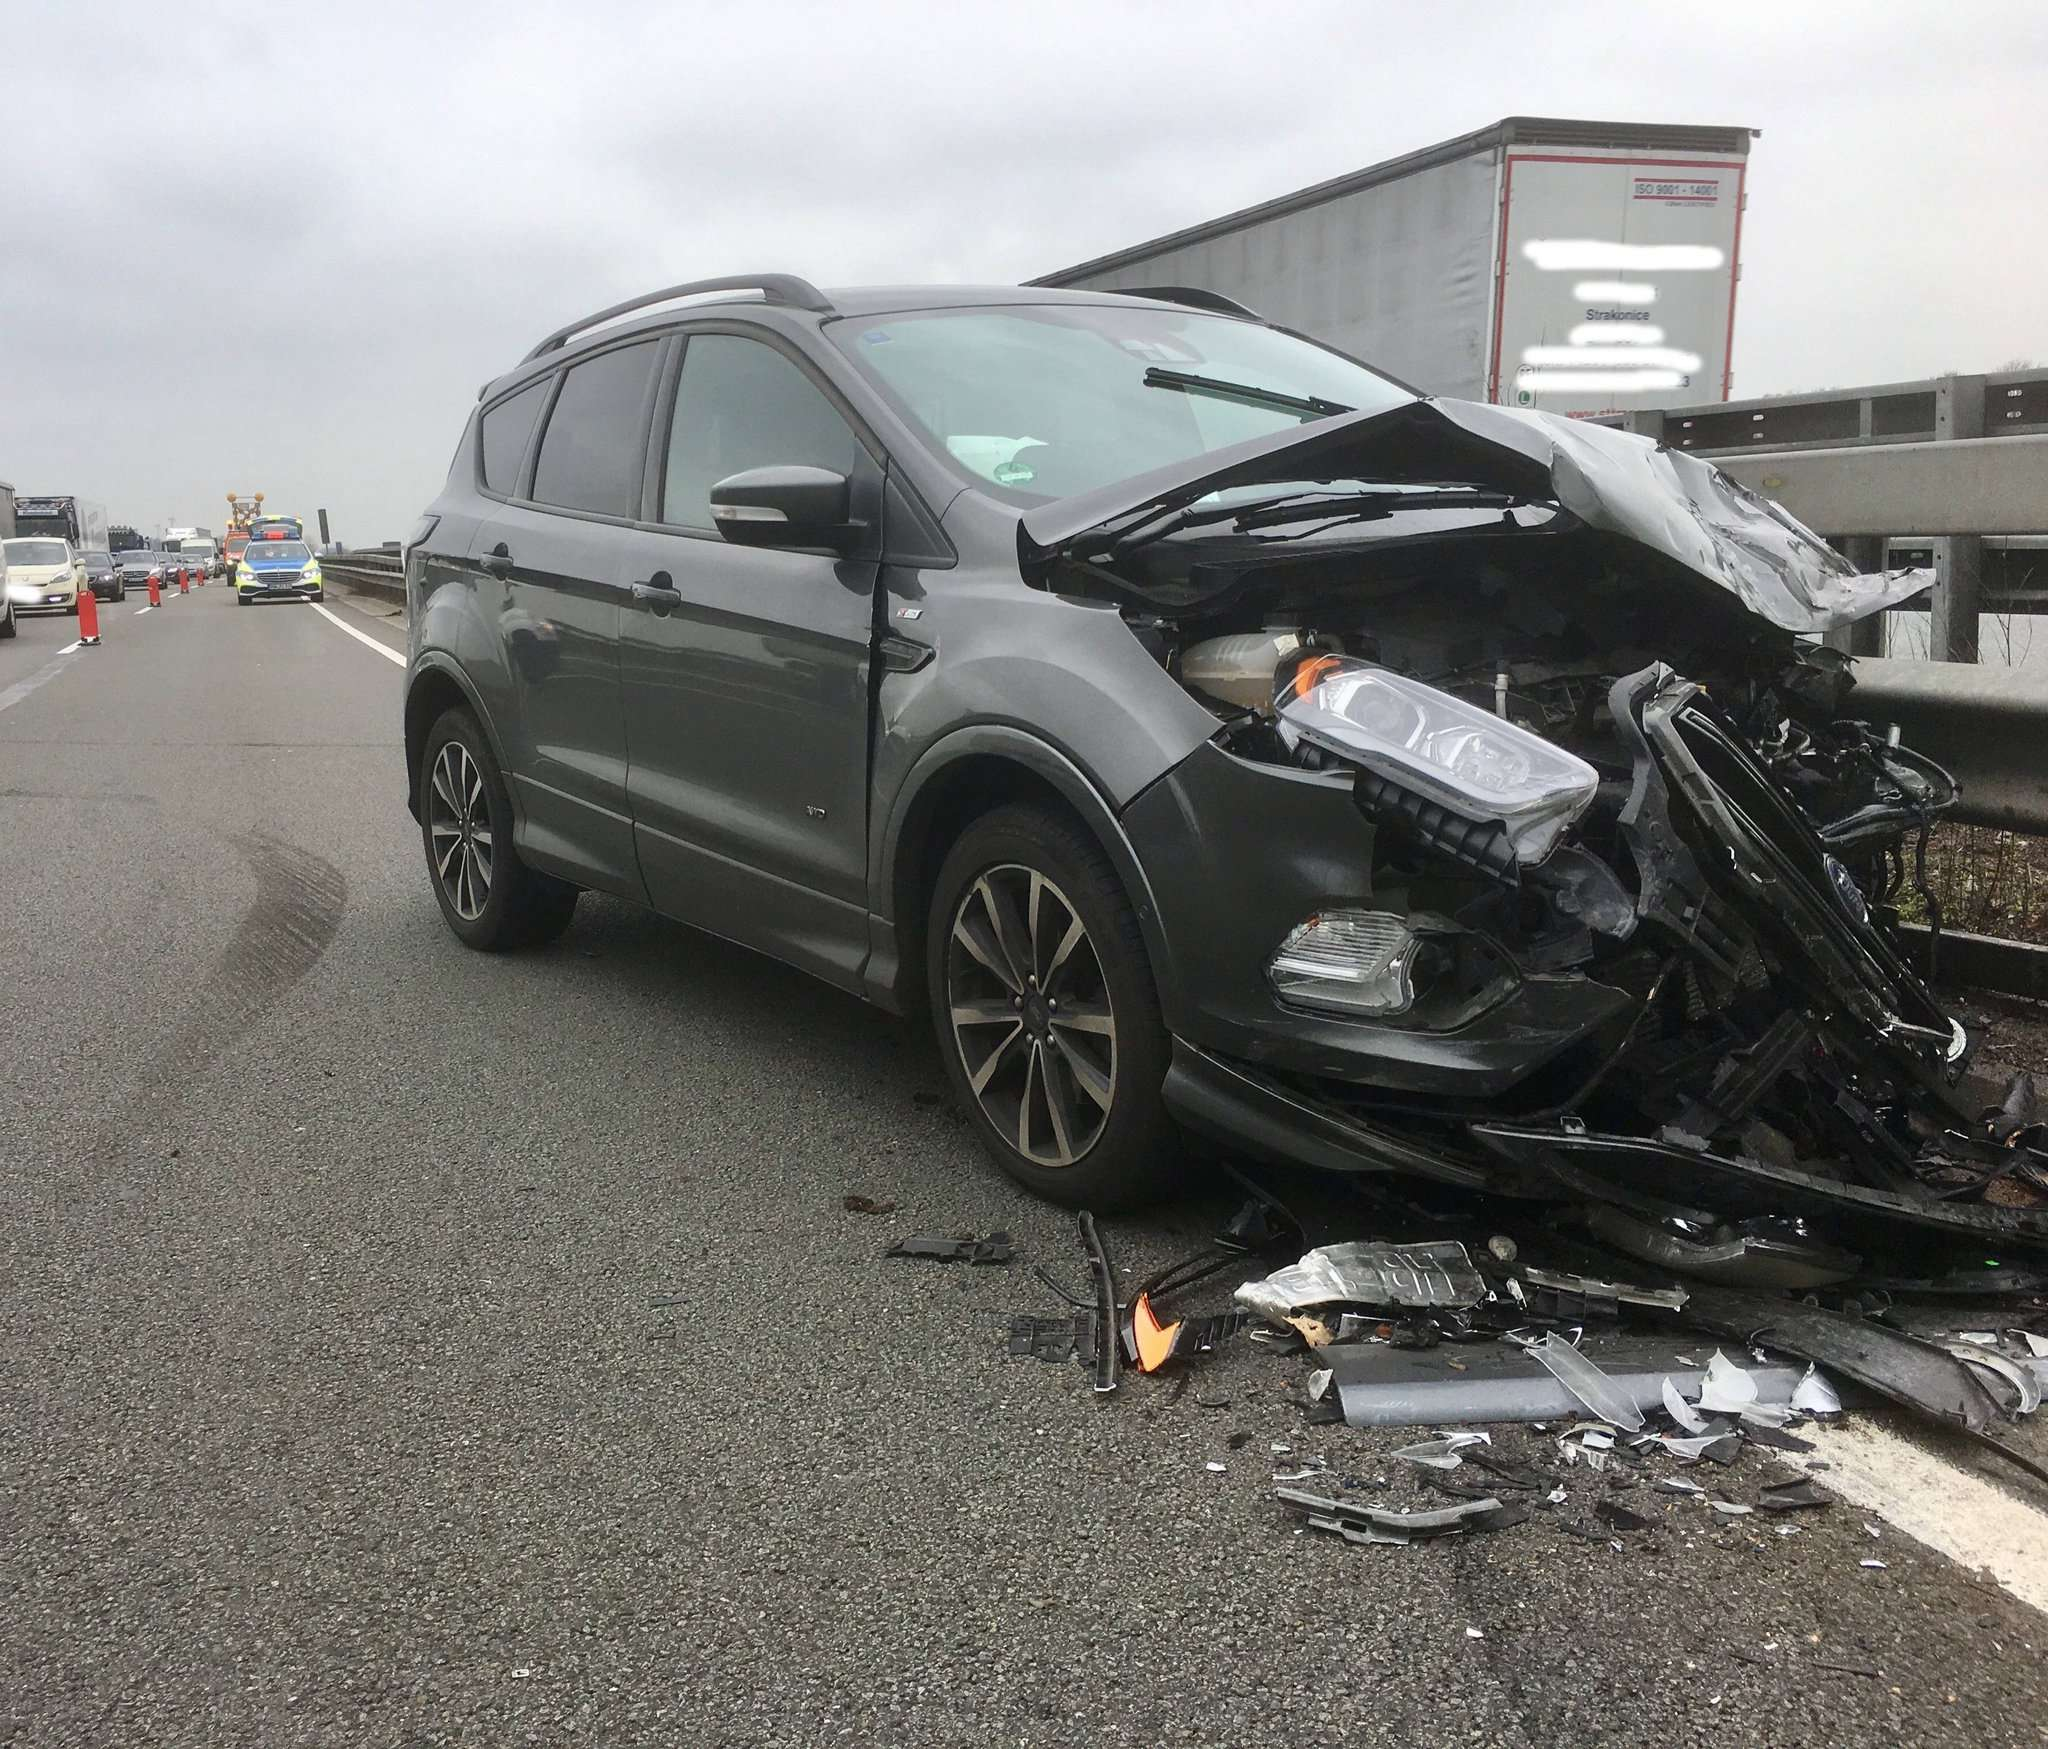 Totalschaden an einem der unfallbeteiligten Wagen